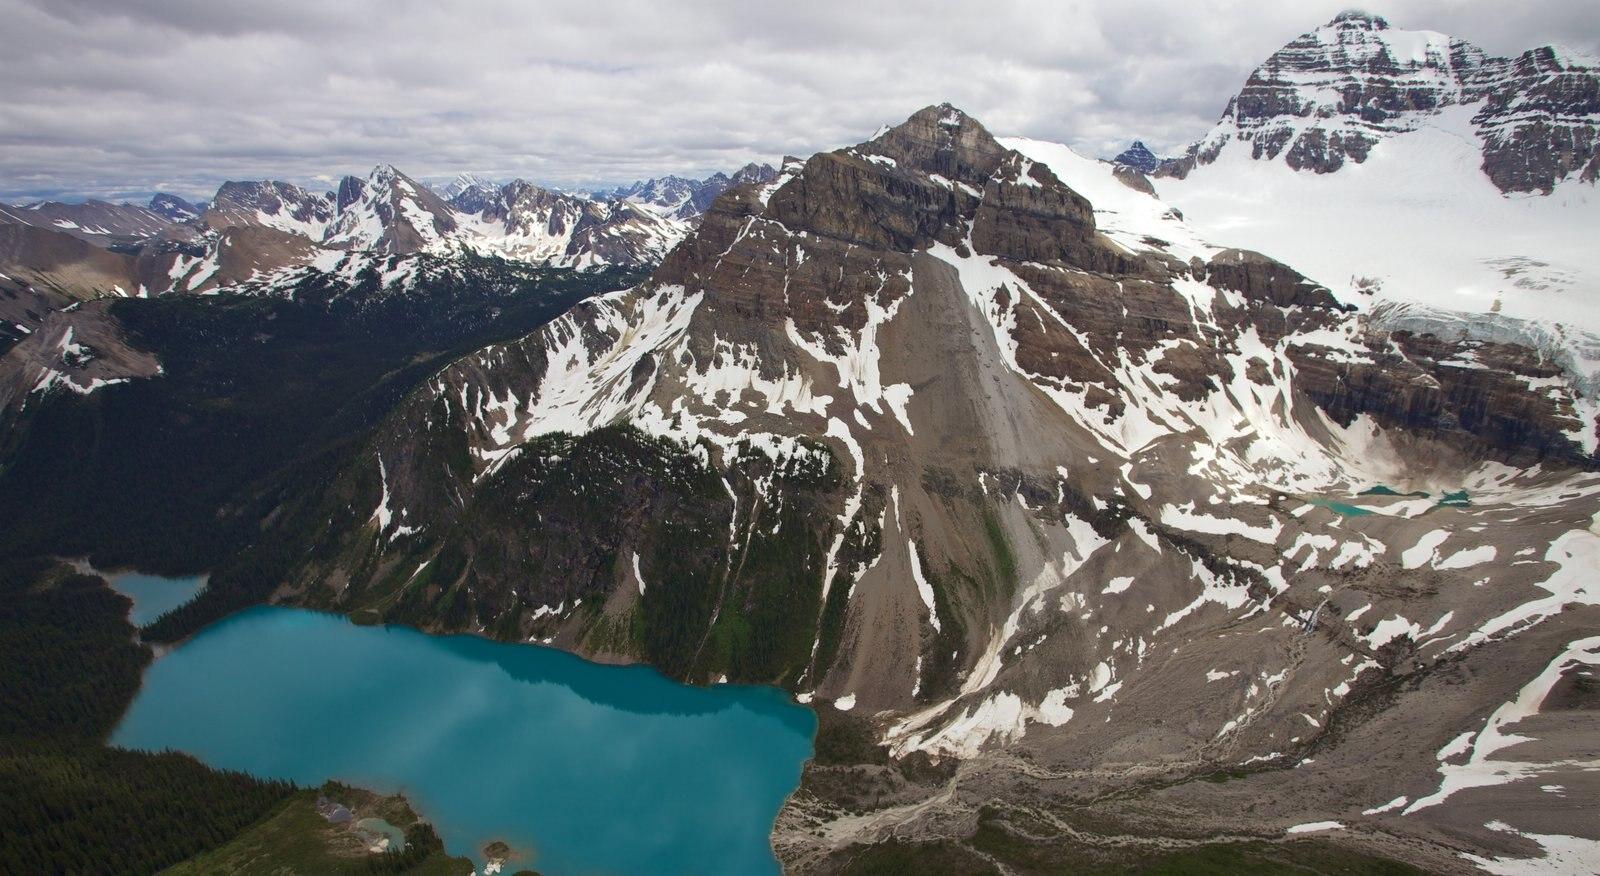 Calgary que incluye montañas, nieve y un río o arroyo